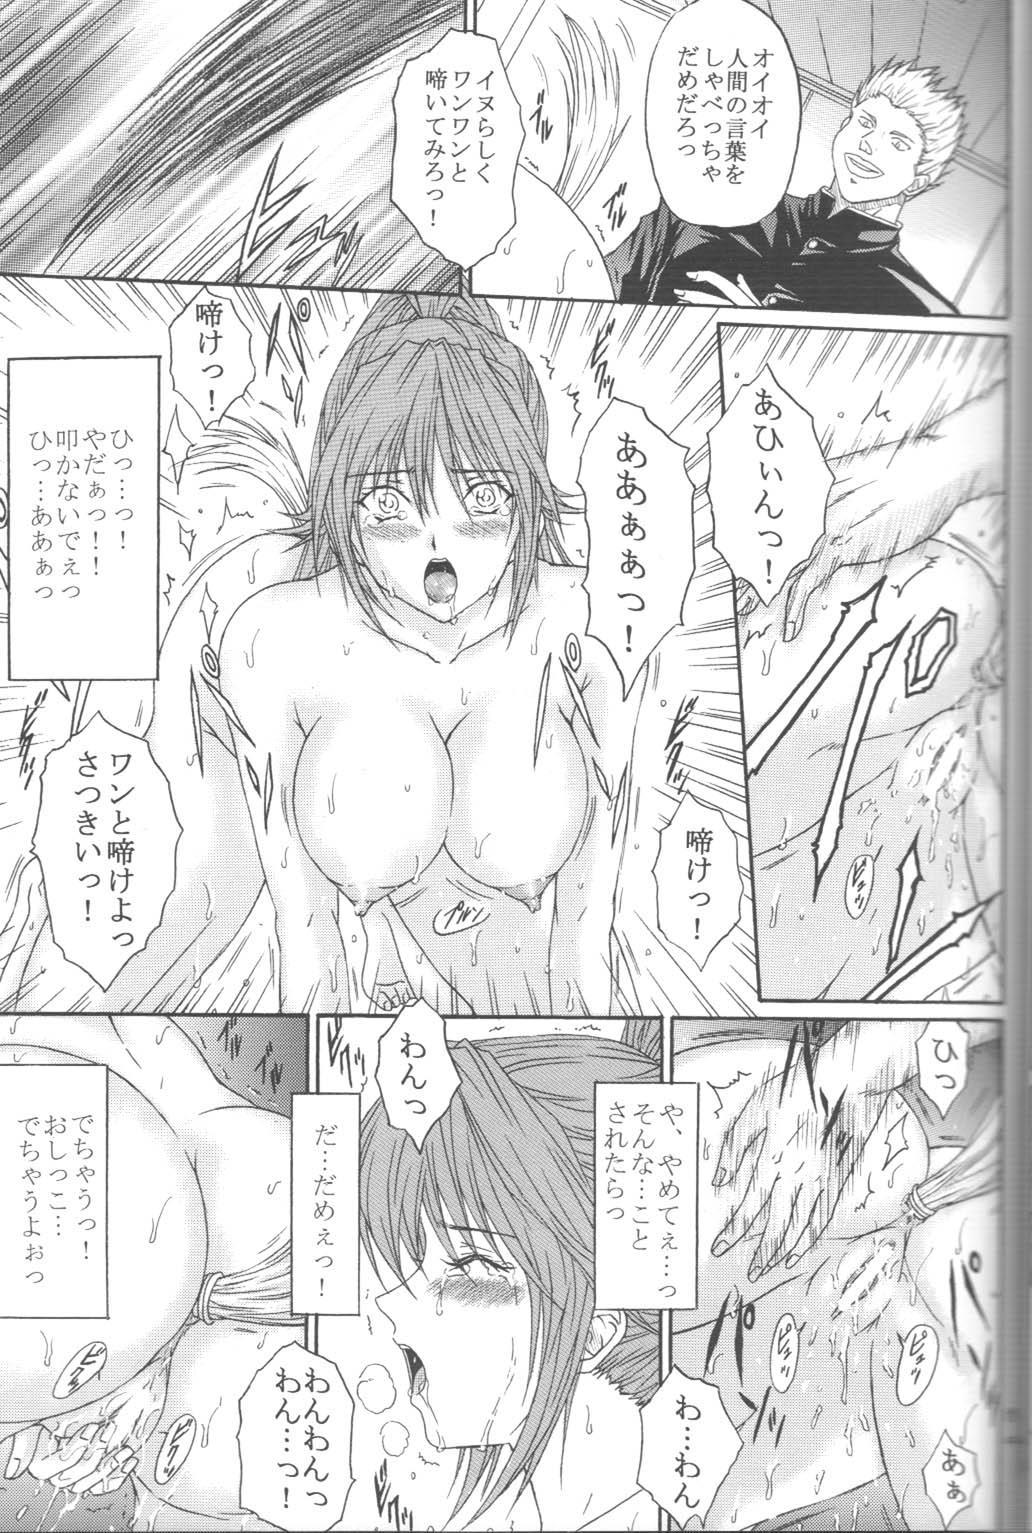 Ryoujoku Rensa 05 11